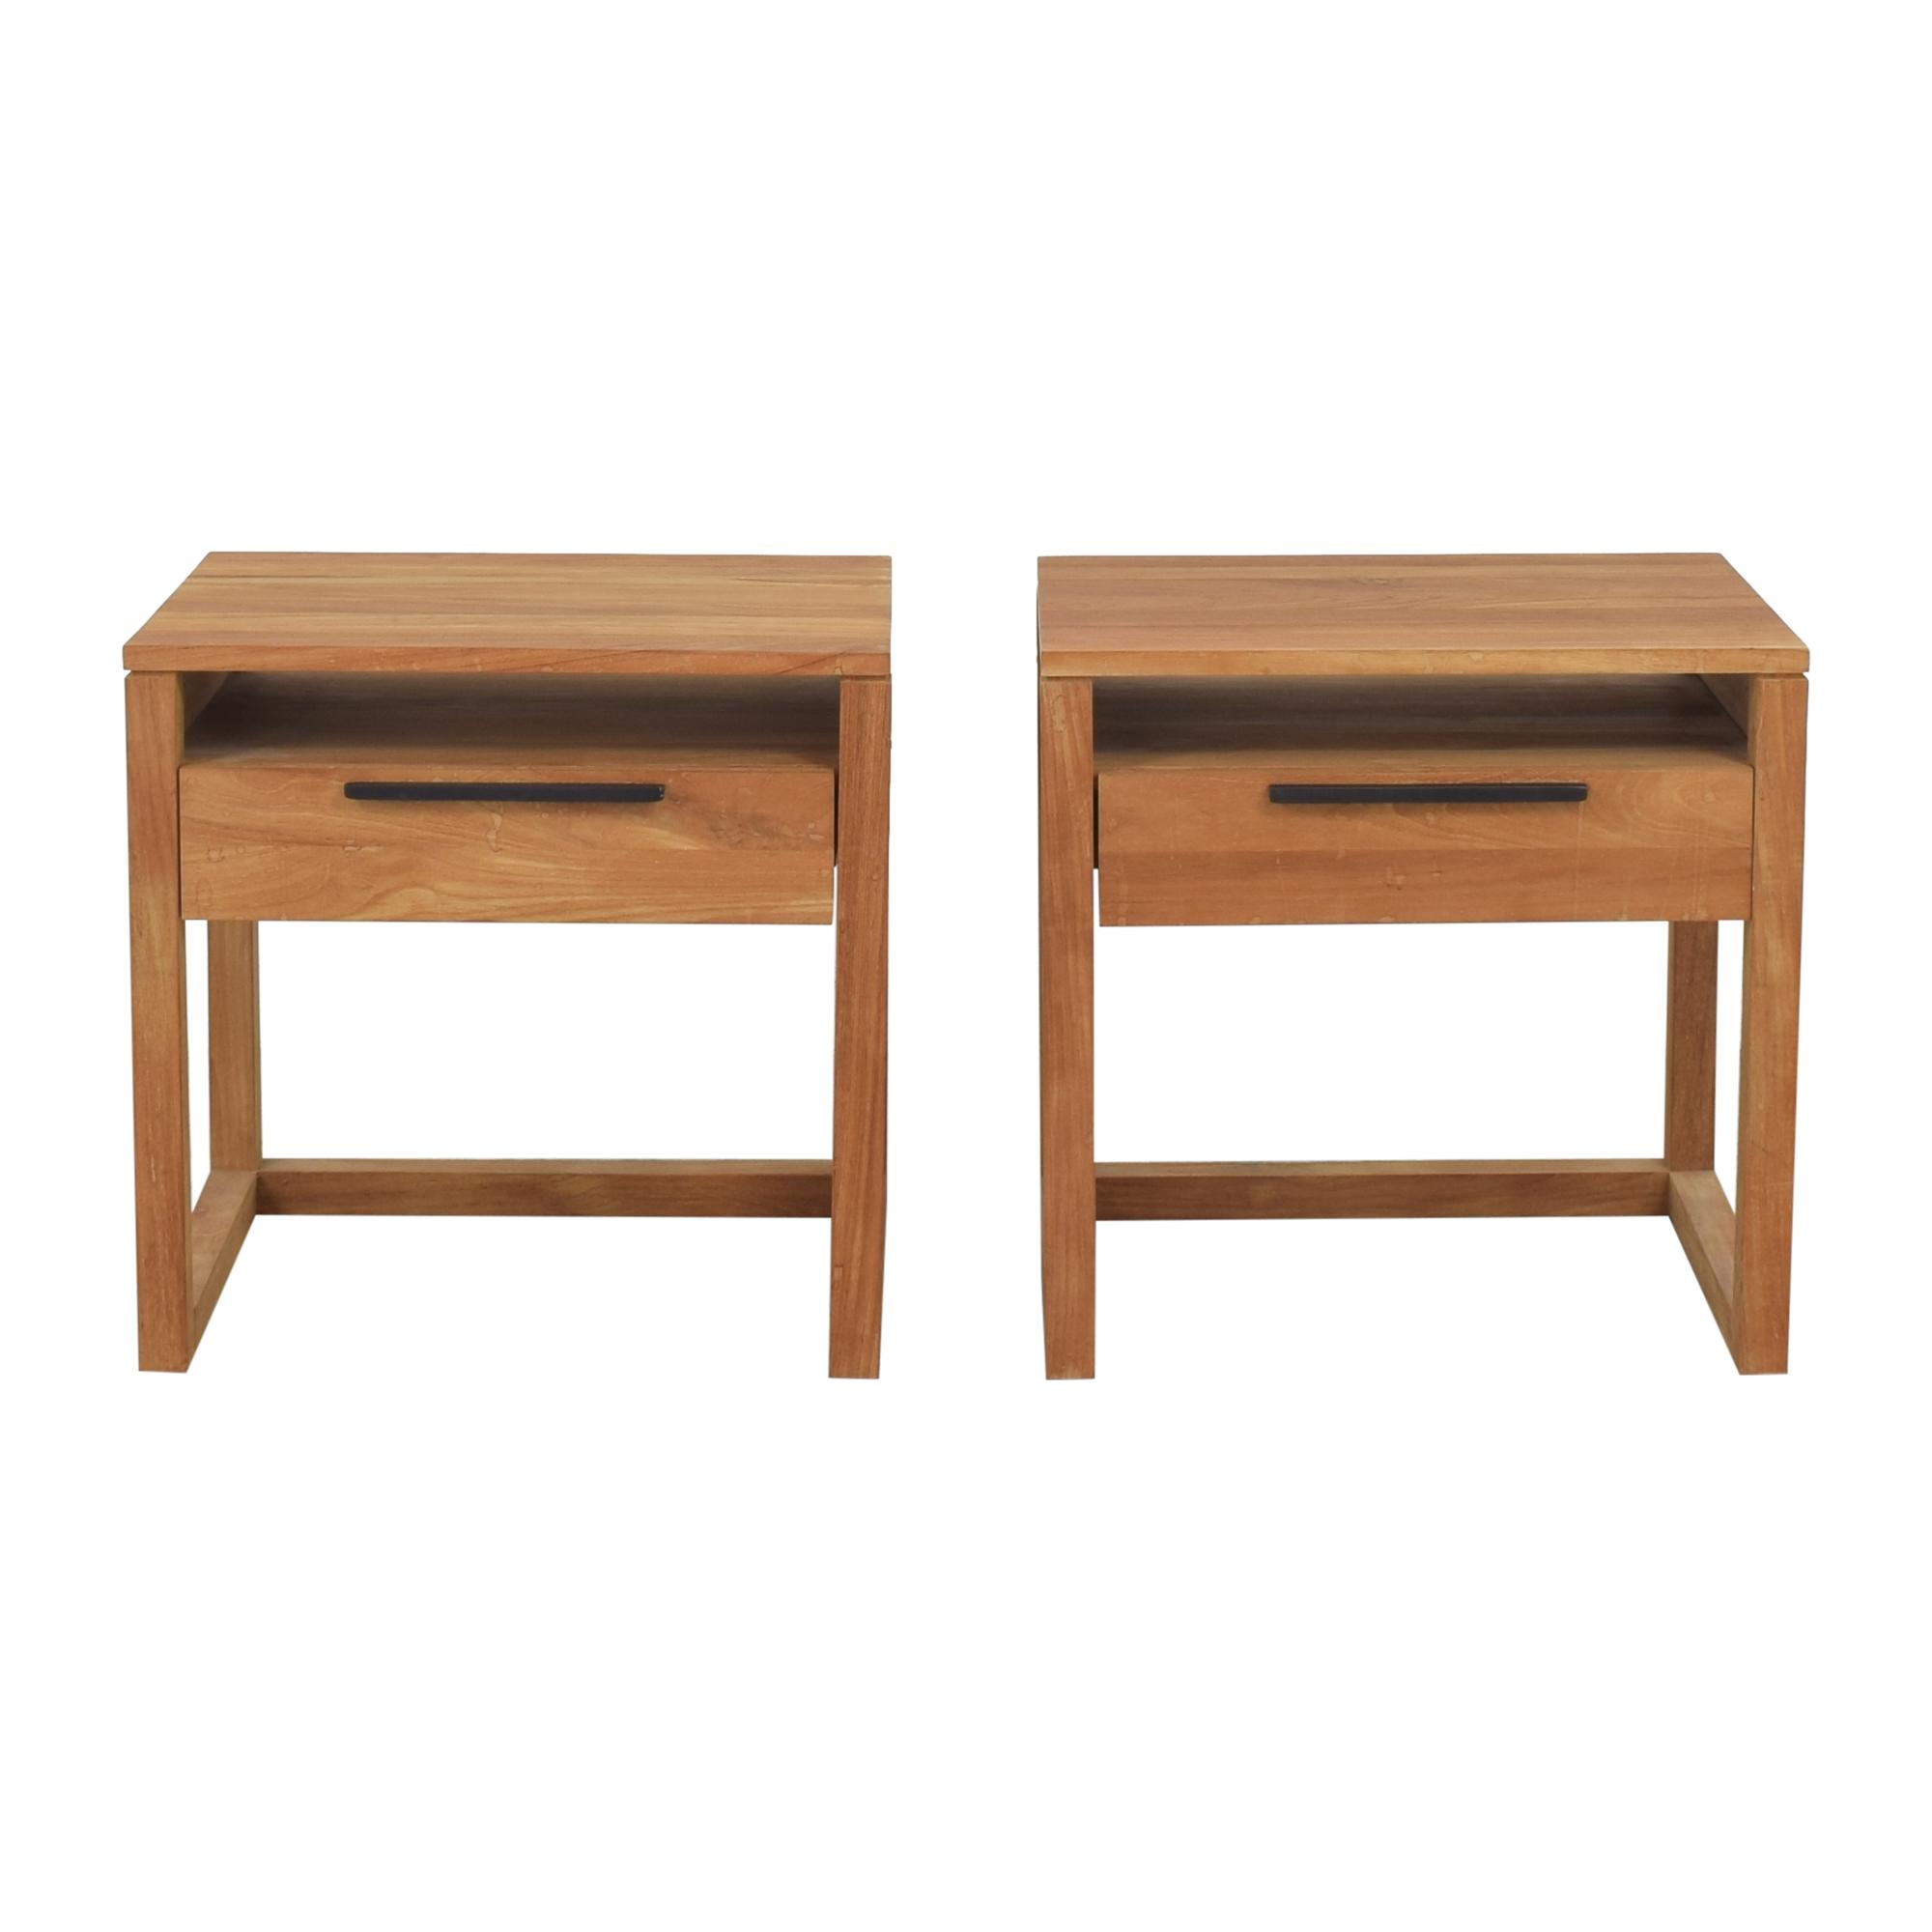 buy Crate & Barrel Linea II Nightstands Crate & Barrel End Tables